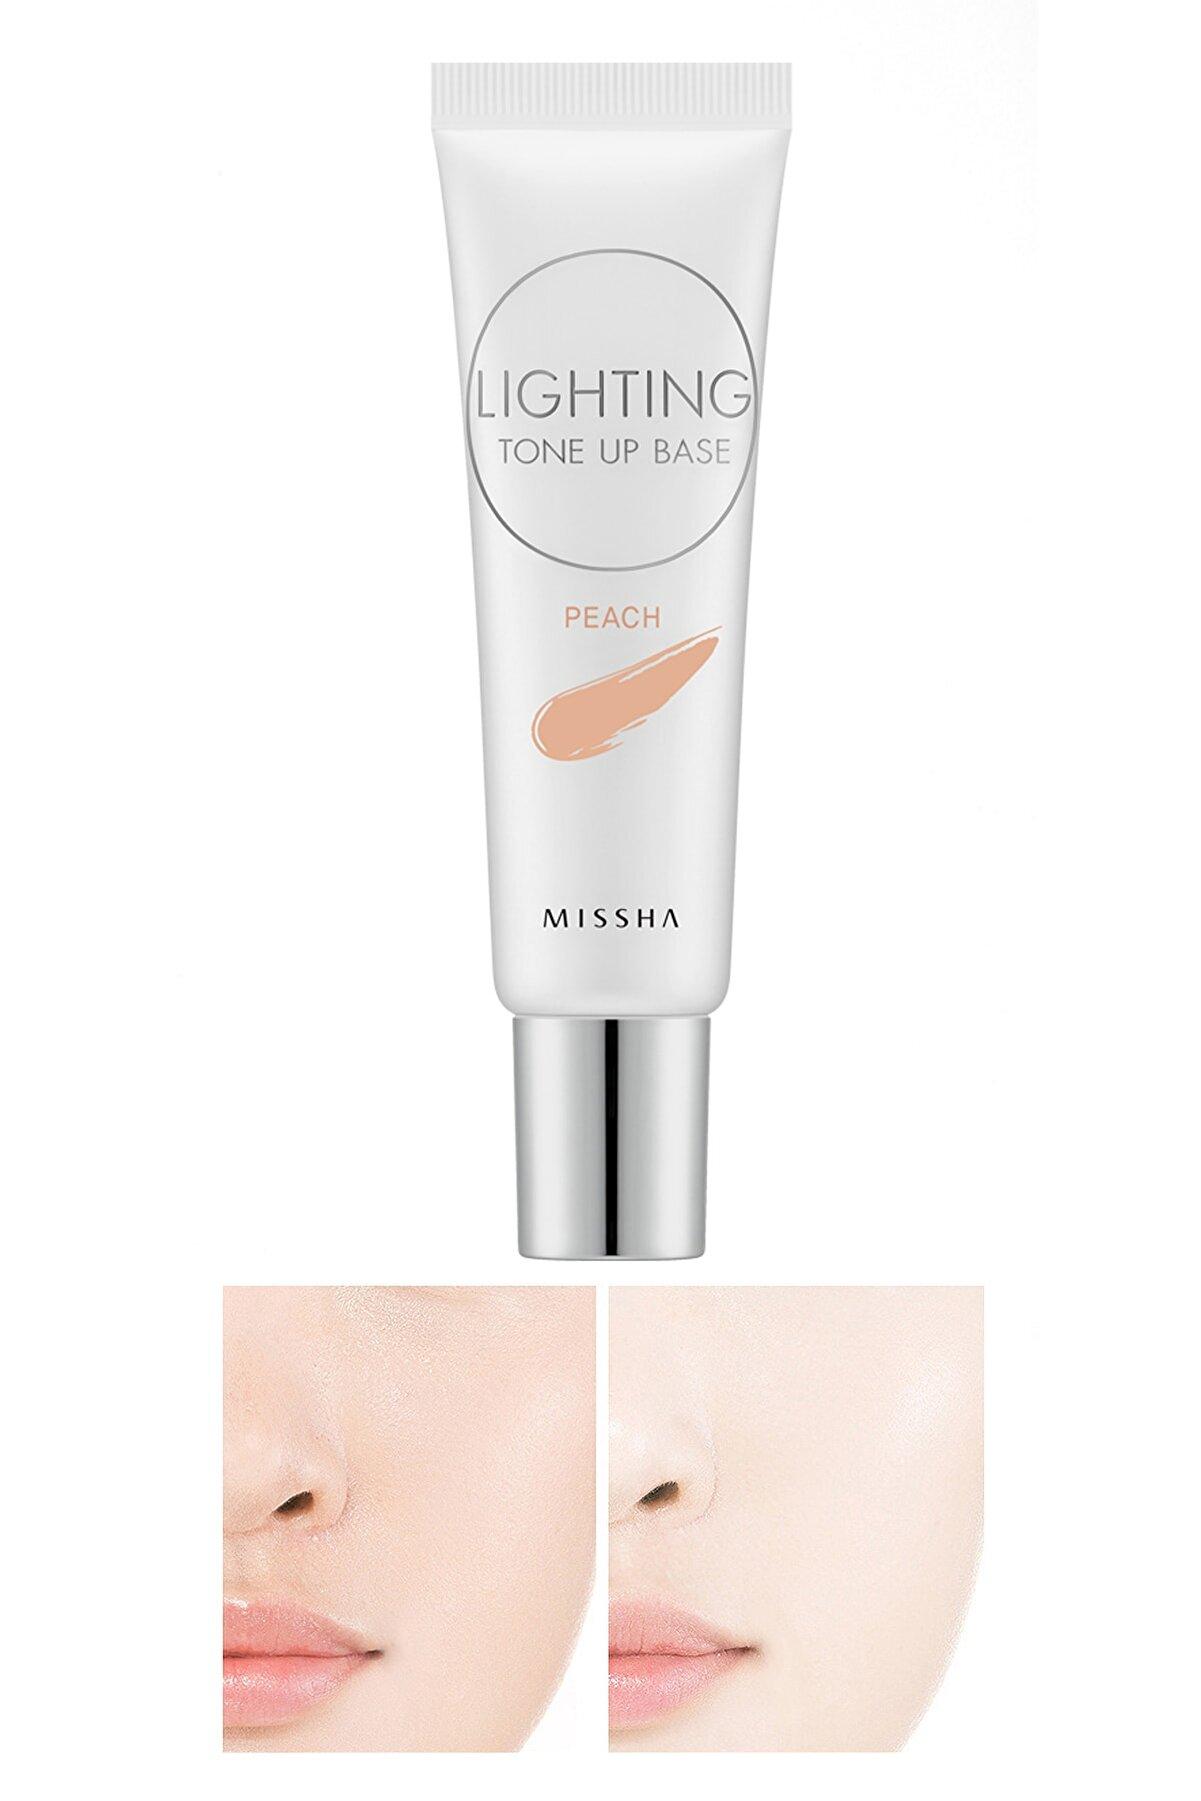 Missha Solgun Ciltler için Aydınlatıcı Şeftali Baz 20ml Lighting Tone Up Base SPF30 PA++ (Peach)